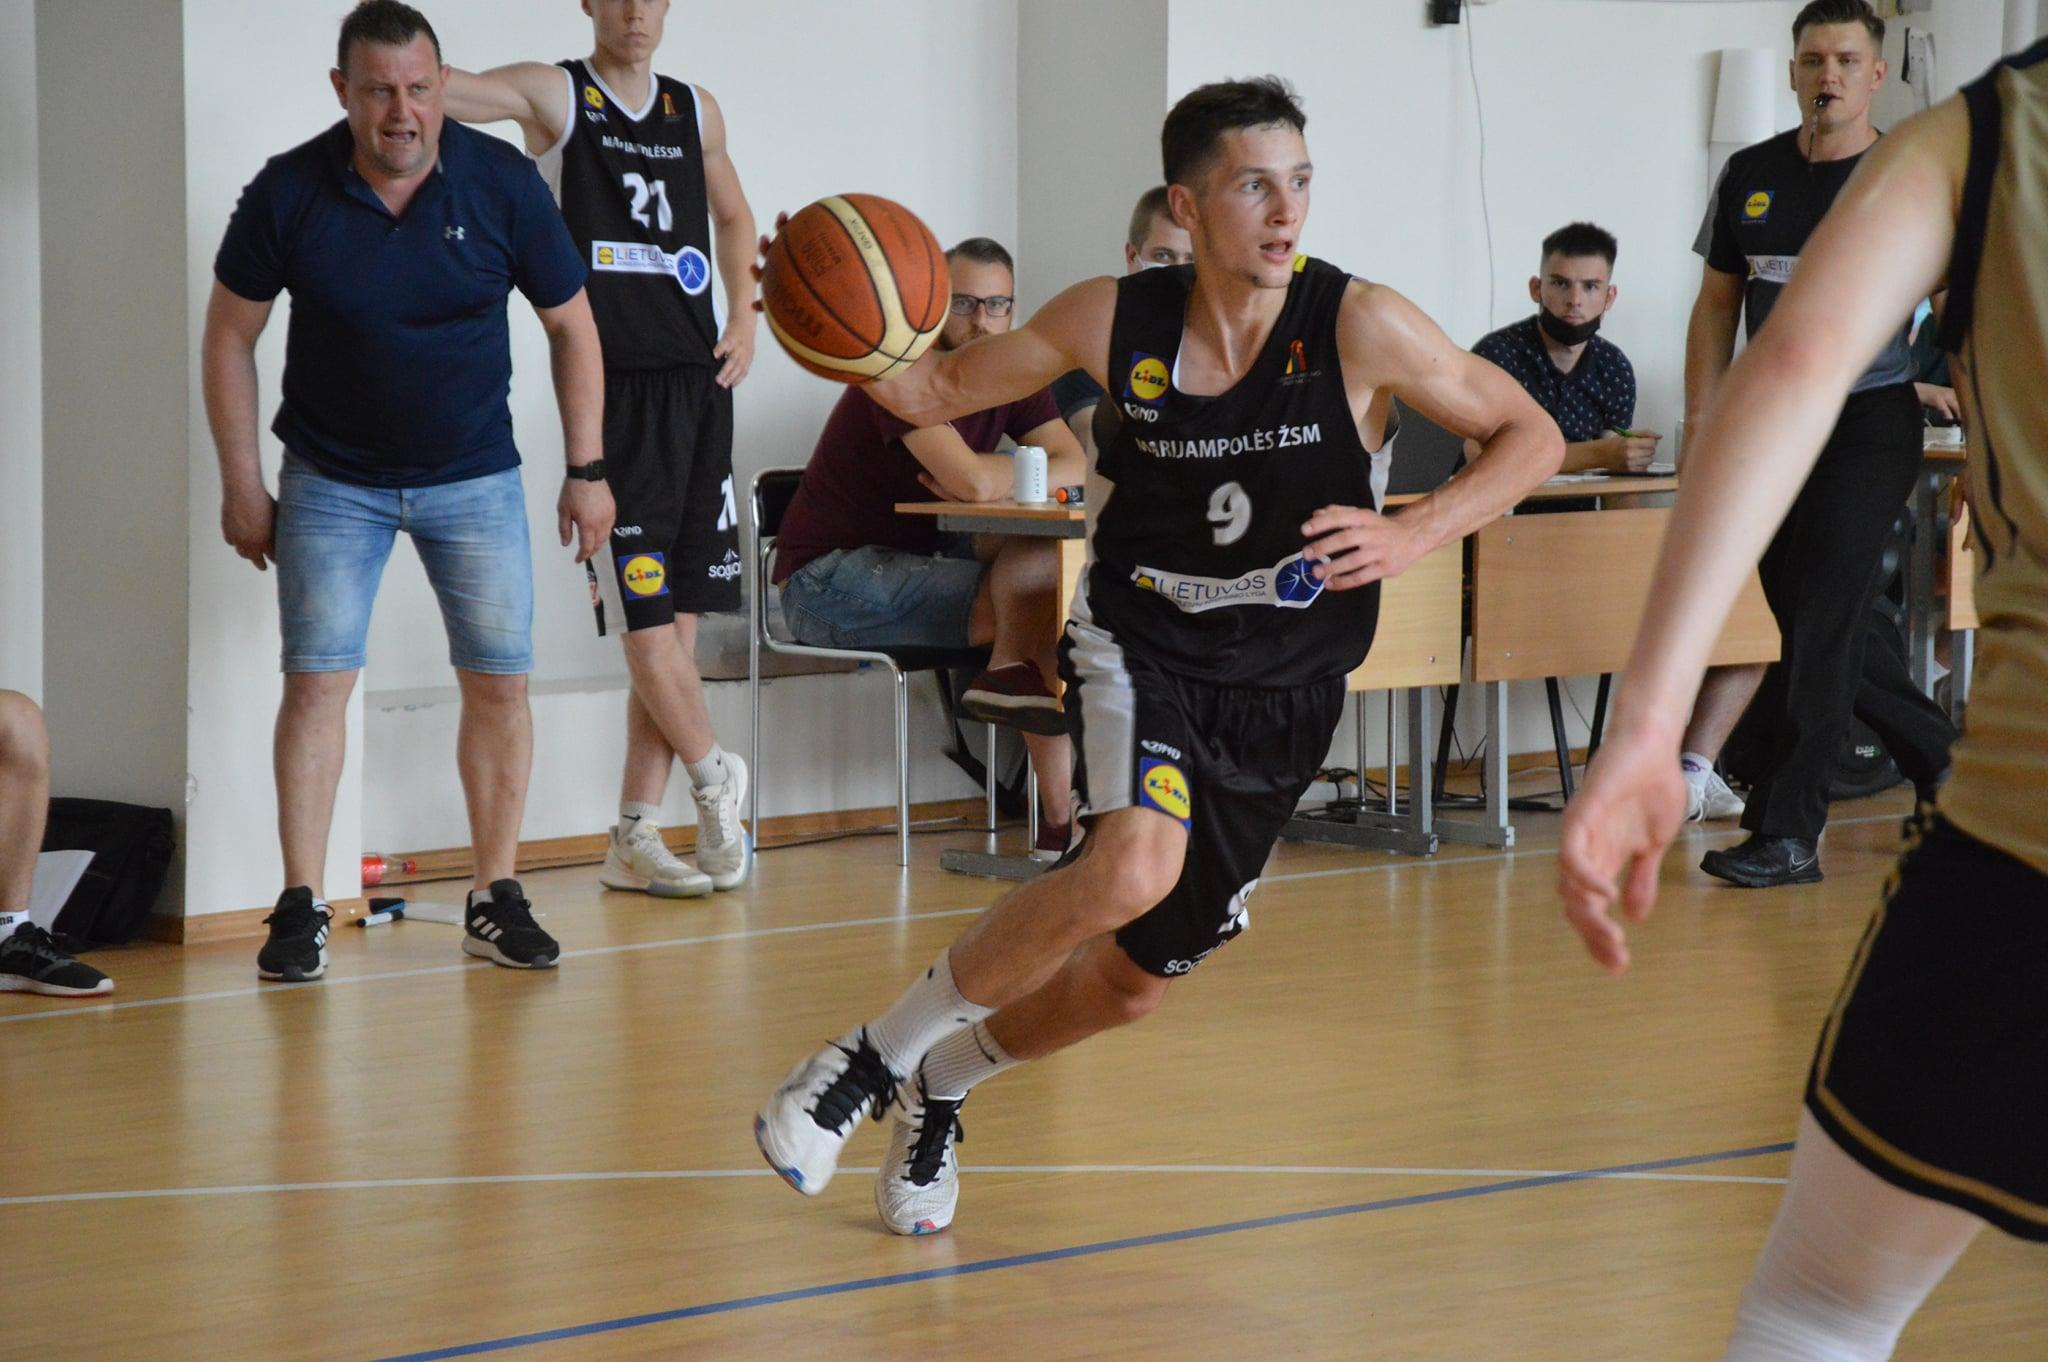 Marijampolės SC krepšininkai